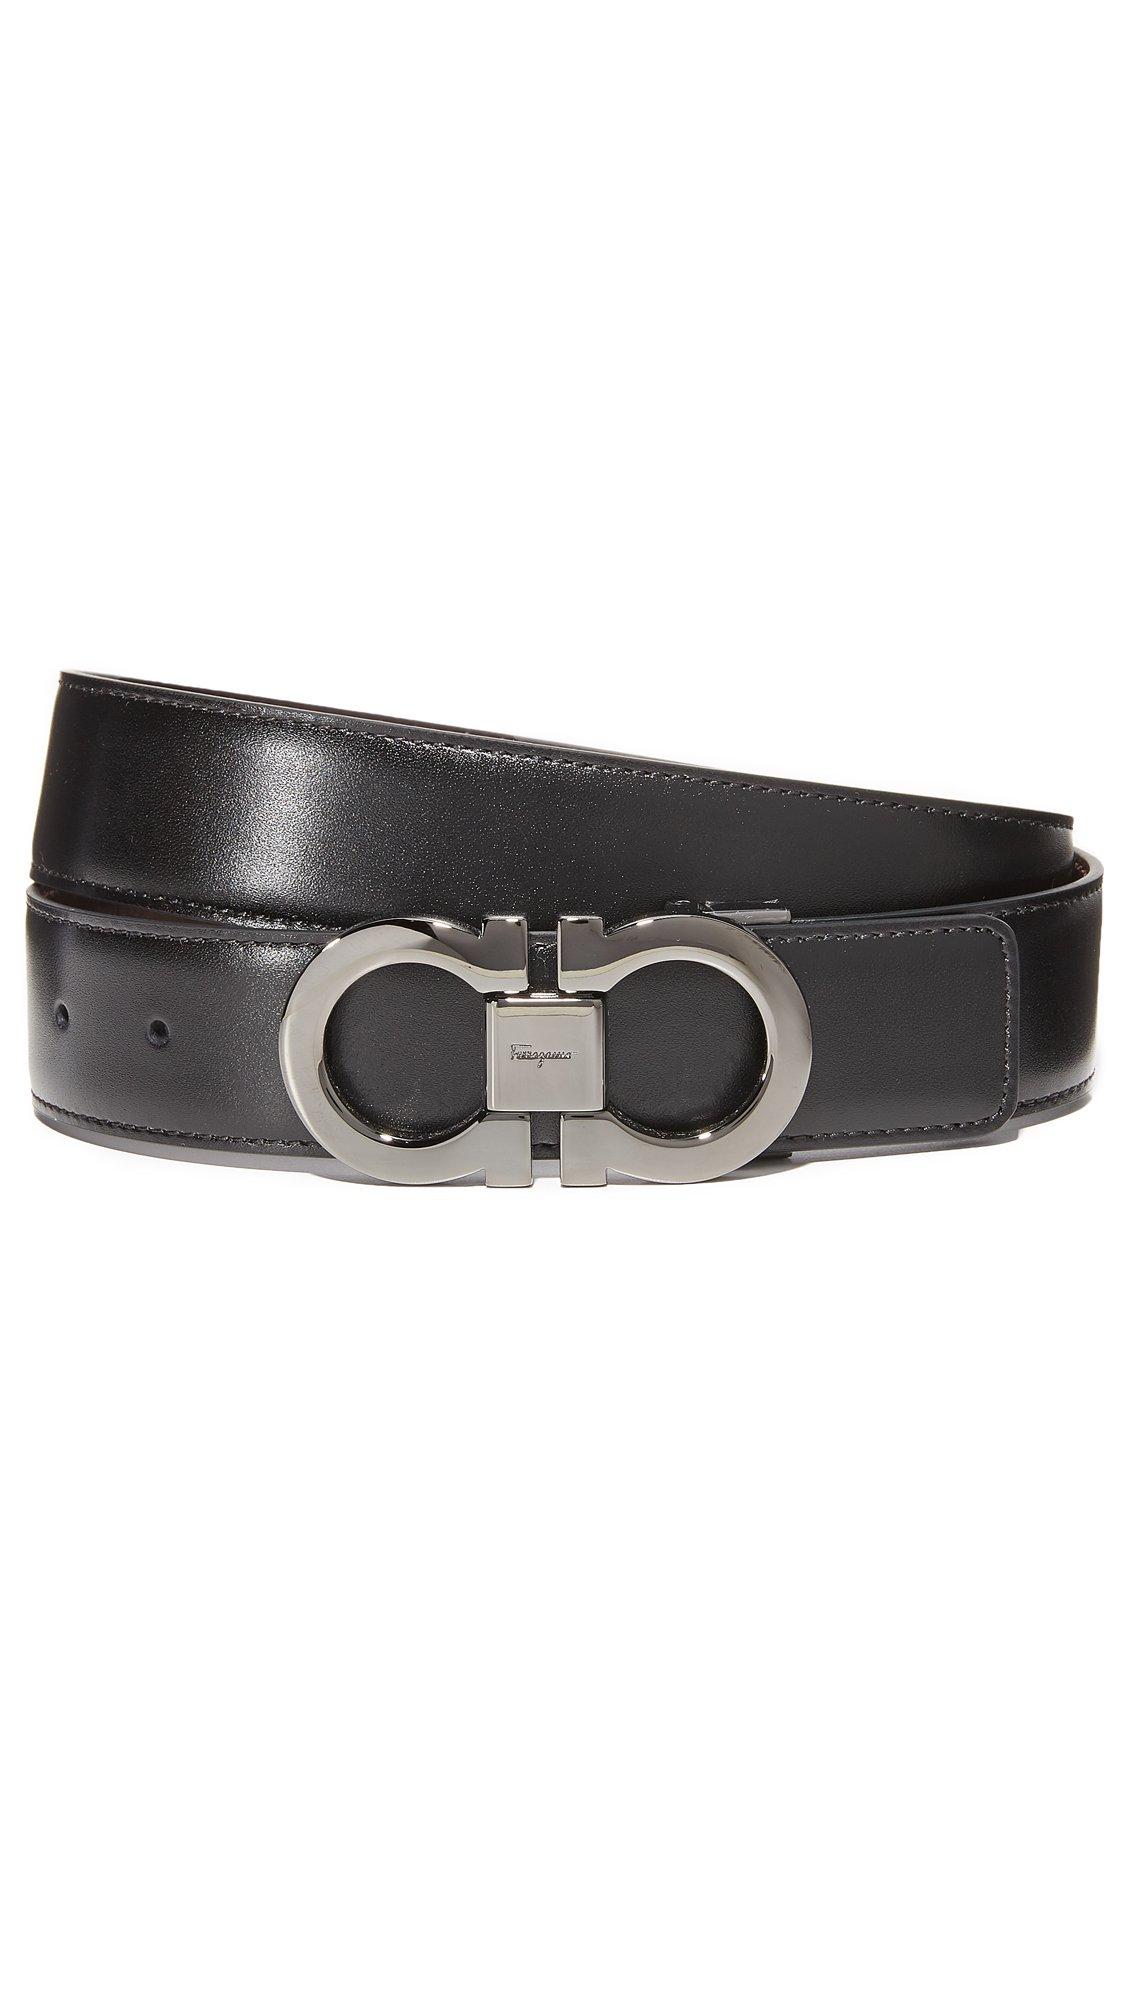 Salvatore Ferragamo Men's Double Gancini Reversible Belt, Black/Auburn, 32